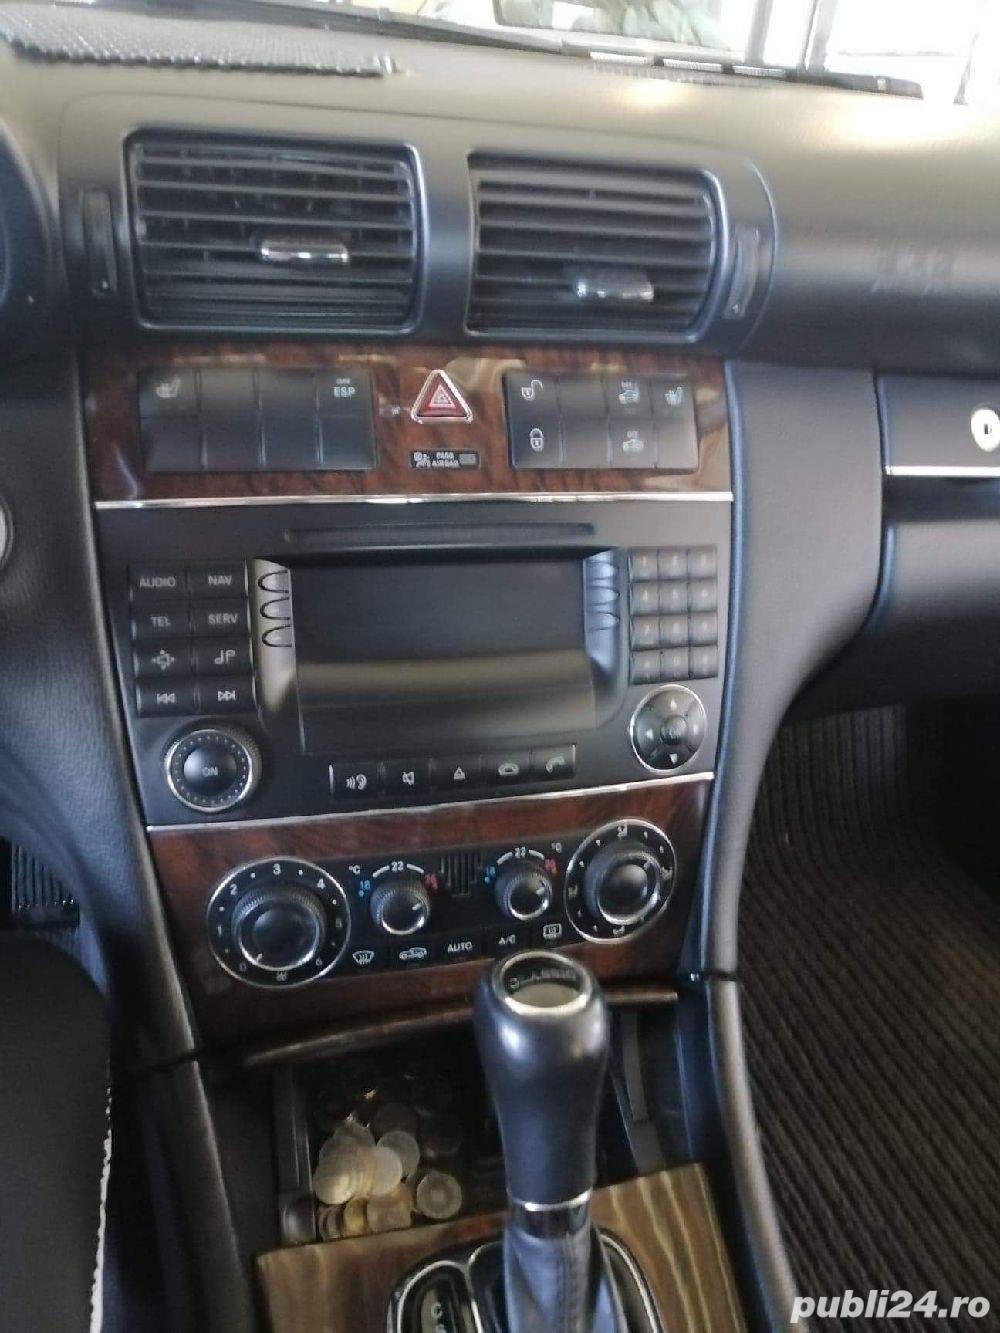 Mercedes-benz clasa c 220 CDI